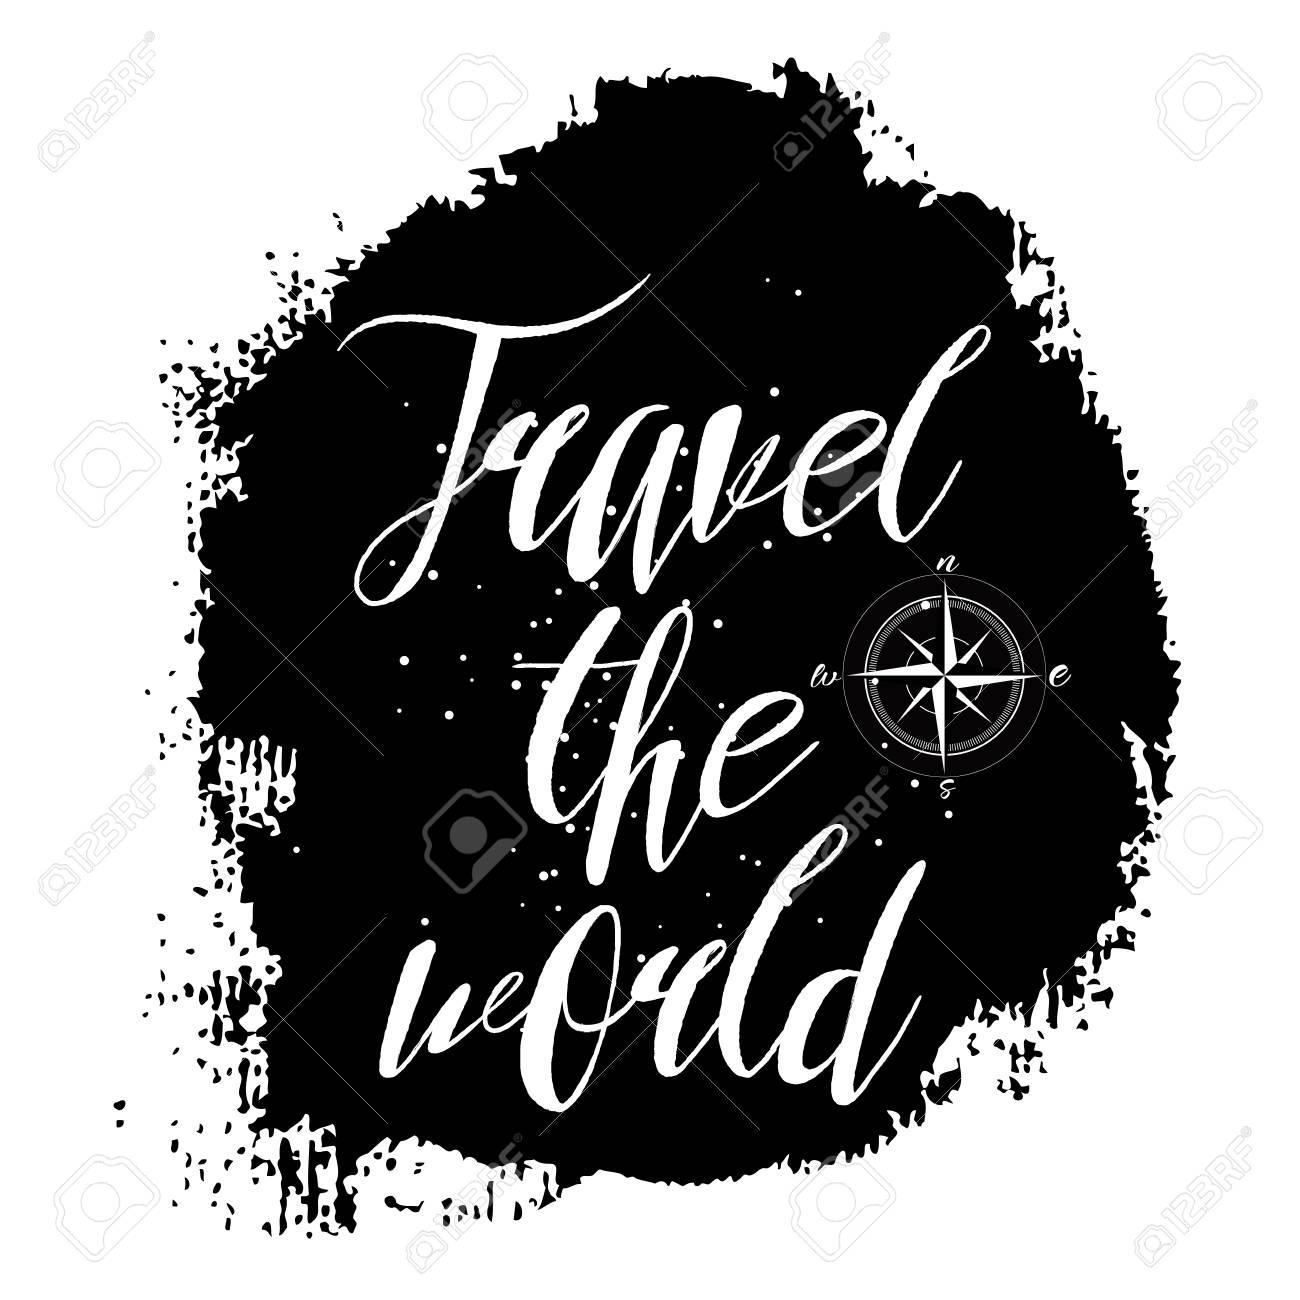 Voyager A Travers Le Monde Citation Inspirante Sur La Vie D Aventures Expression Positive Texte De Calligraphie Moderne Pour Voyageurs Manuscrit Avec Pinceau Et Encre Noire Sur Fond De Toile Clip Art Libres